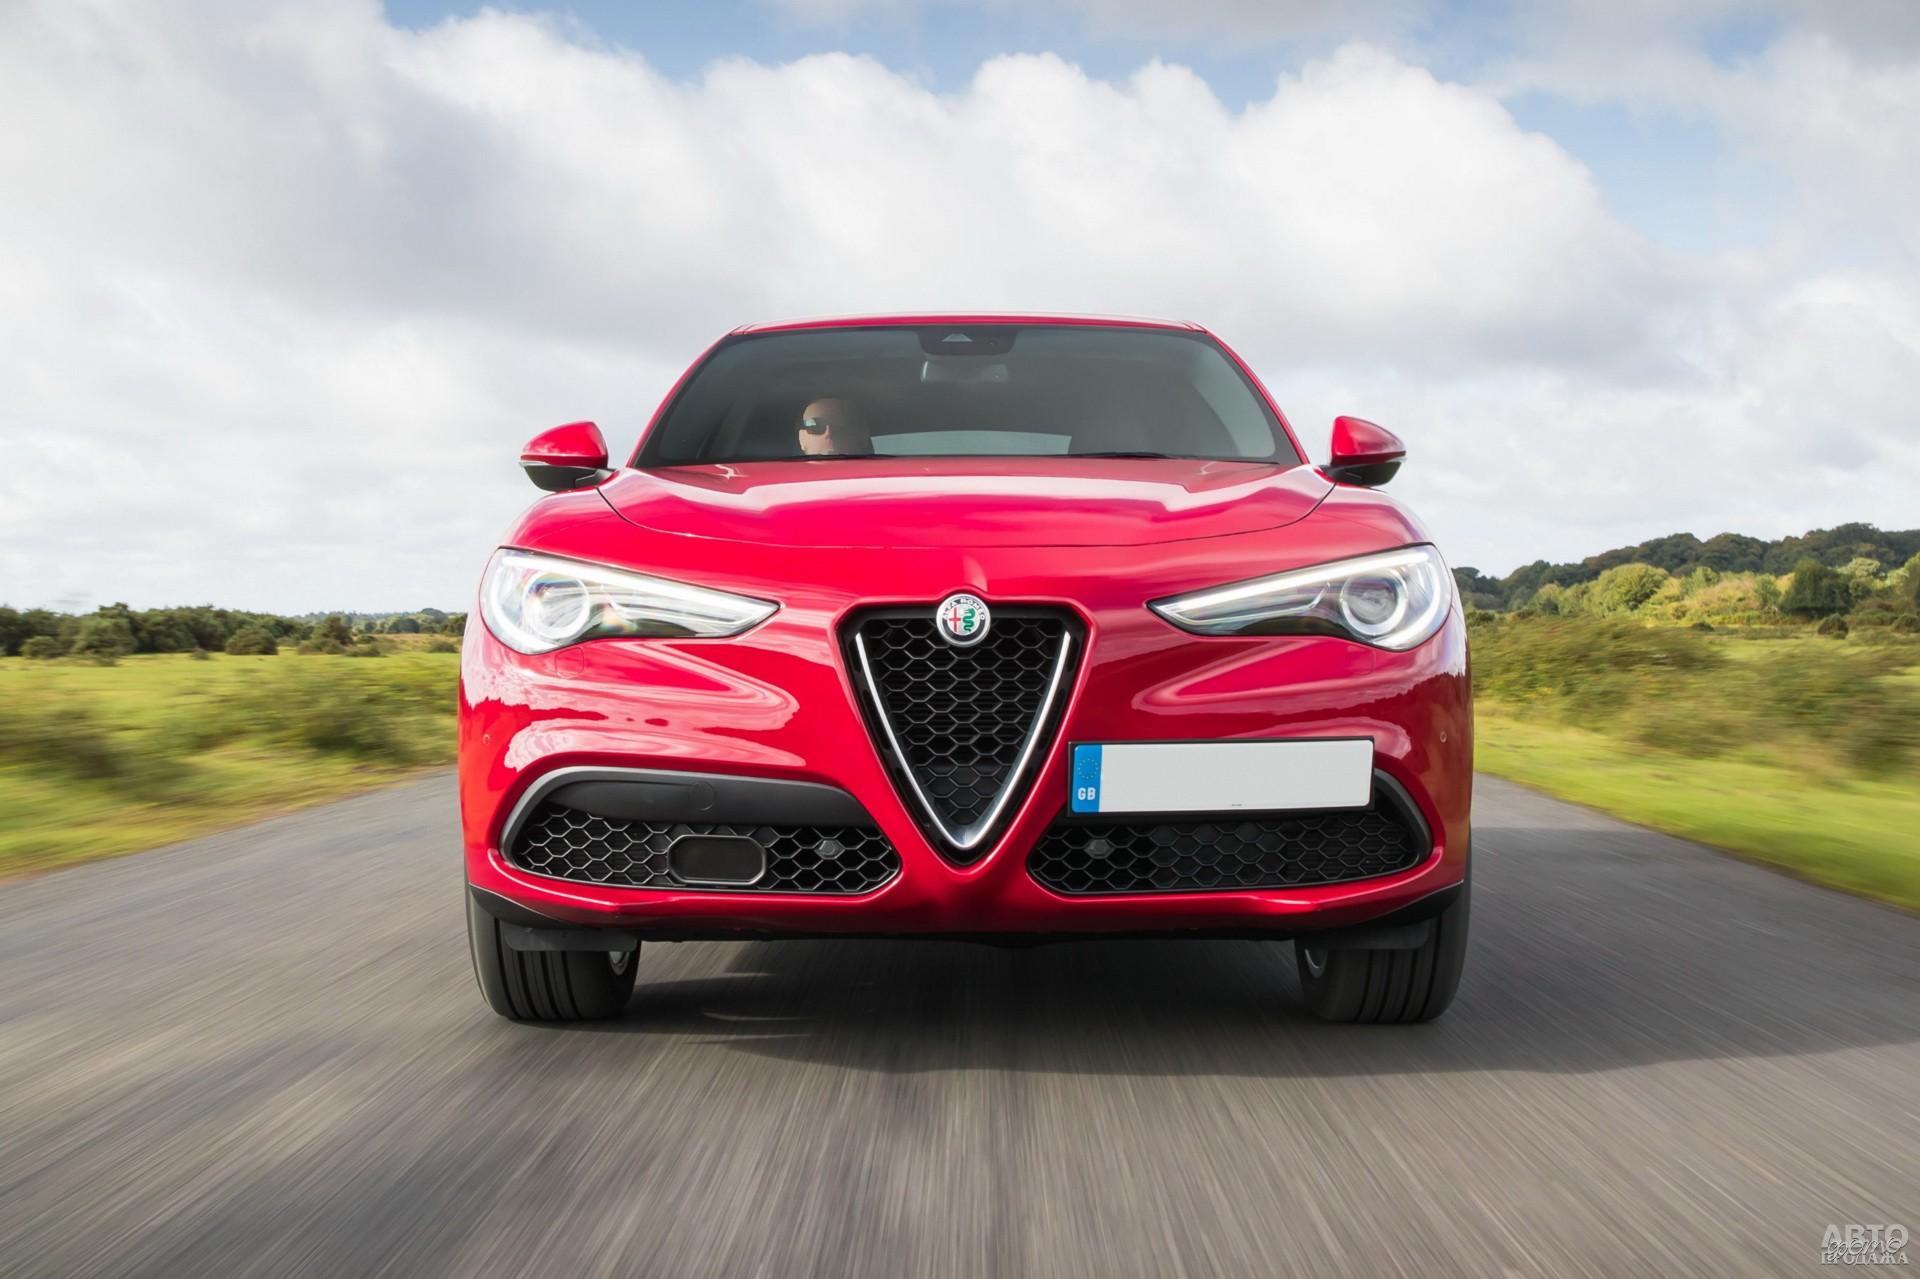 Передняя часть Alfa Romeo_Stelvio не обошлась без фирменного «клюва»